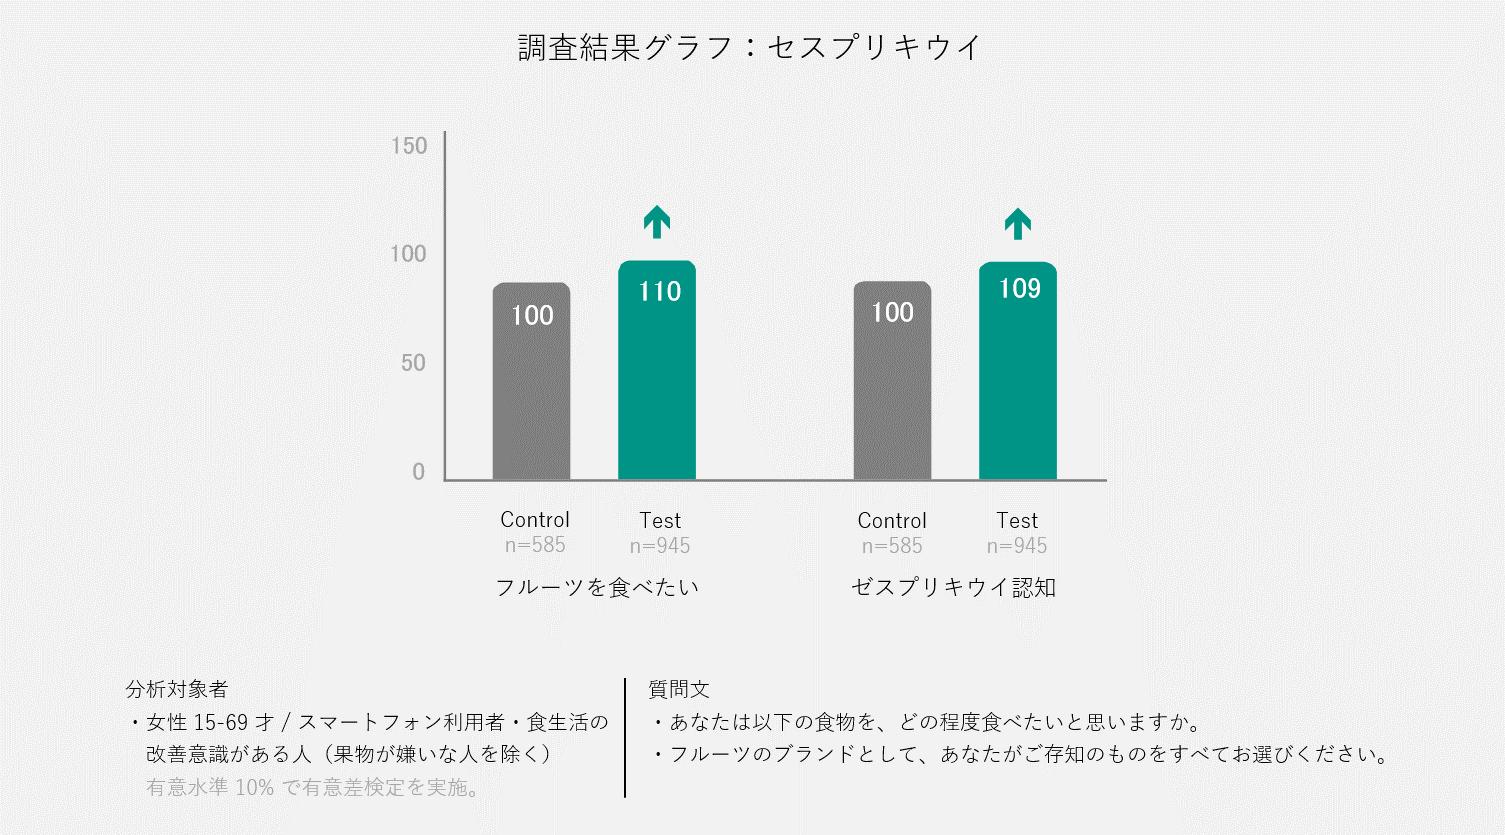 ブランド認知効果(ゼスプリキウイ)